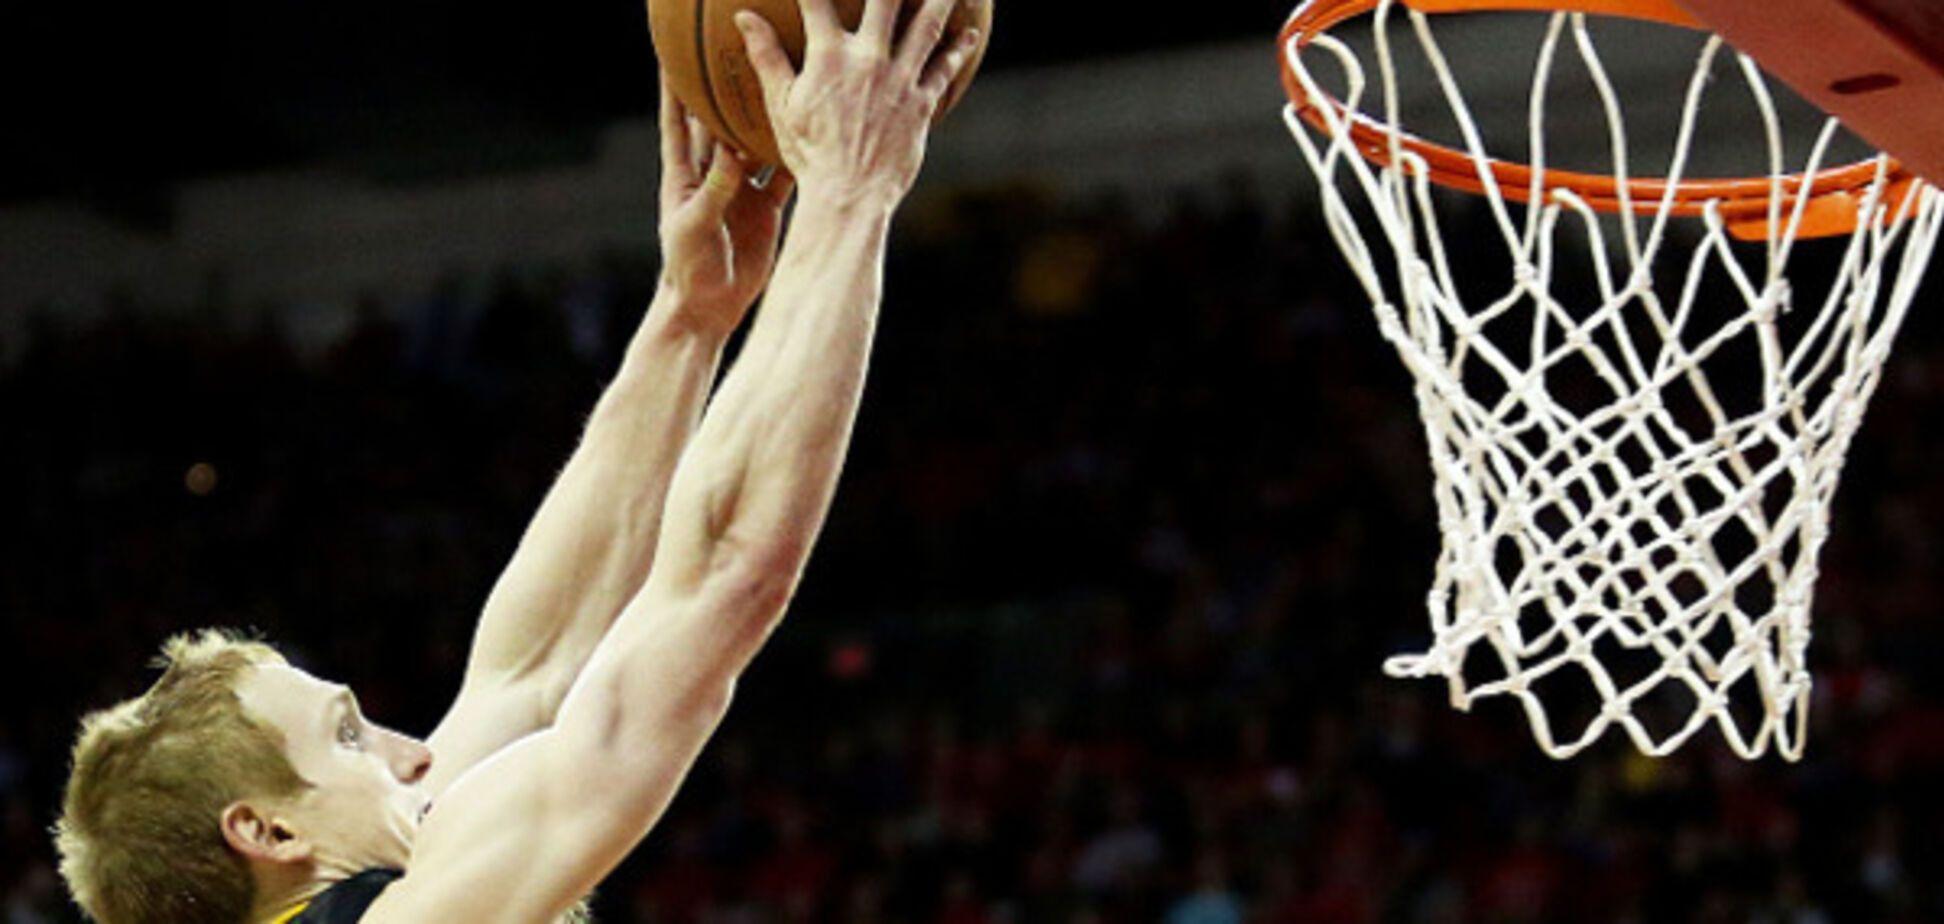 Украинский баскетболист выиграл престижный конкурс данков в Англии: опубликованы фото